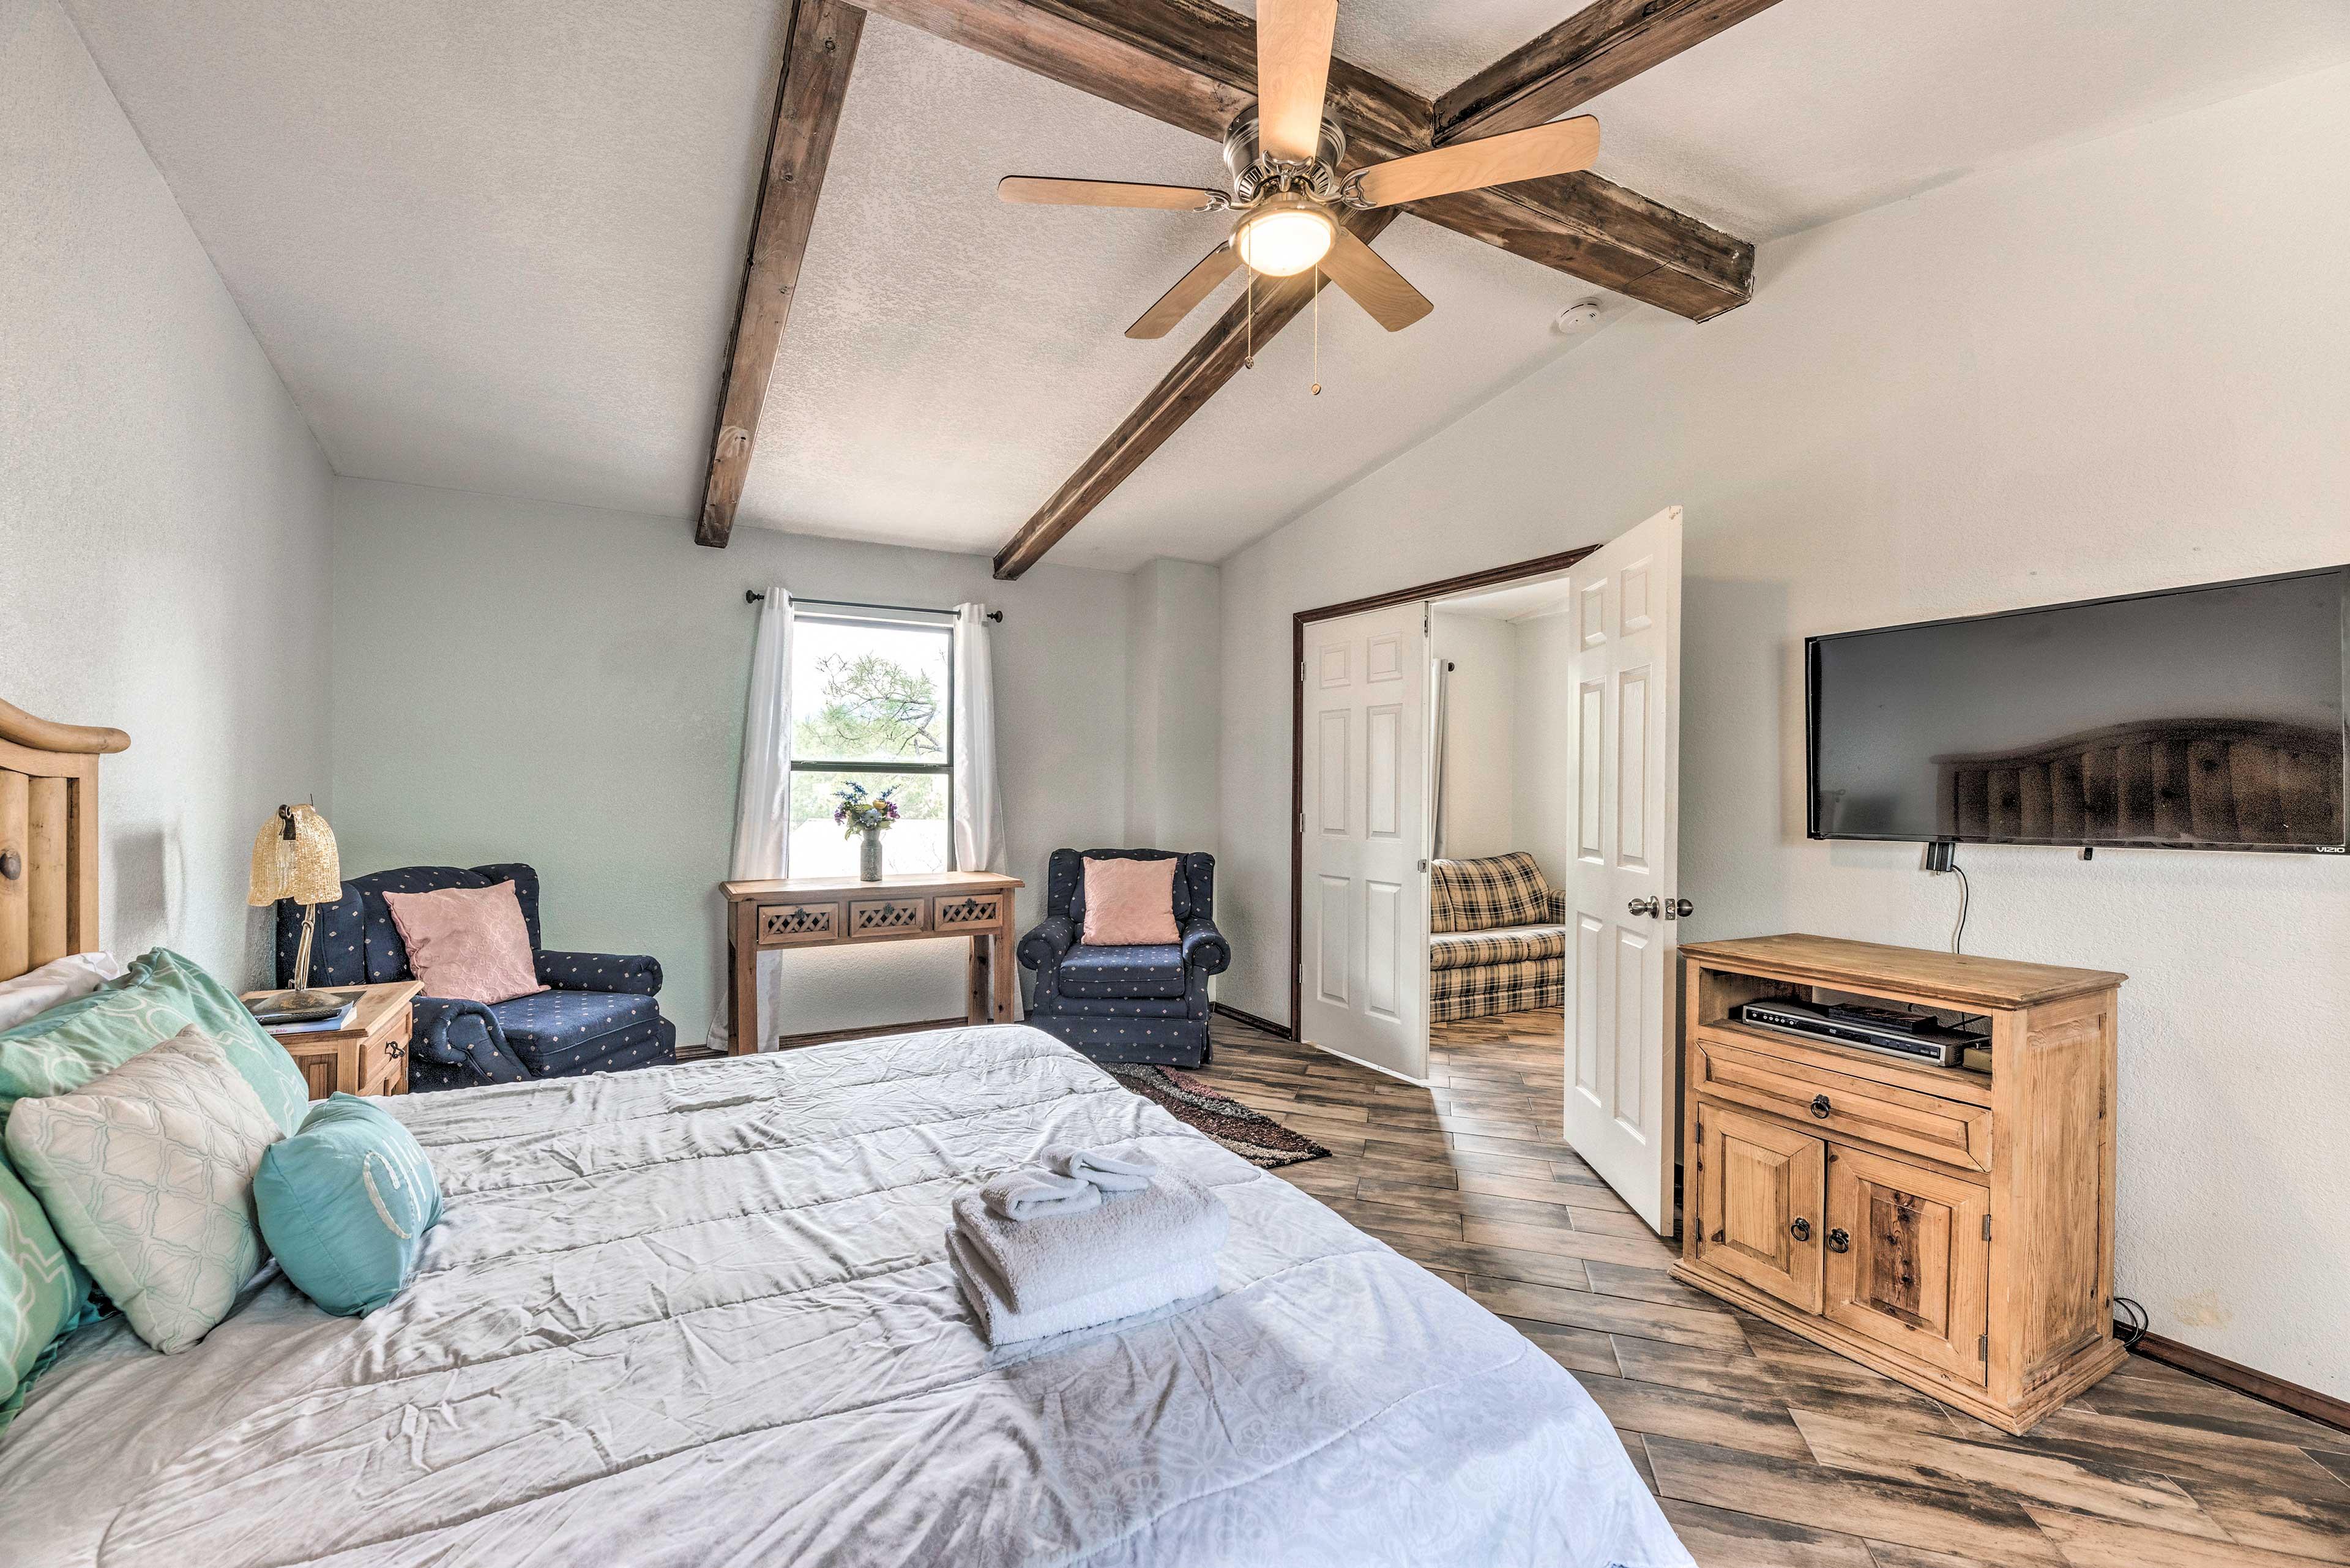 Bedroom 3 | Smart TV